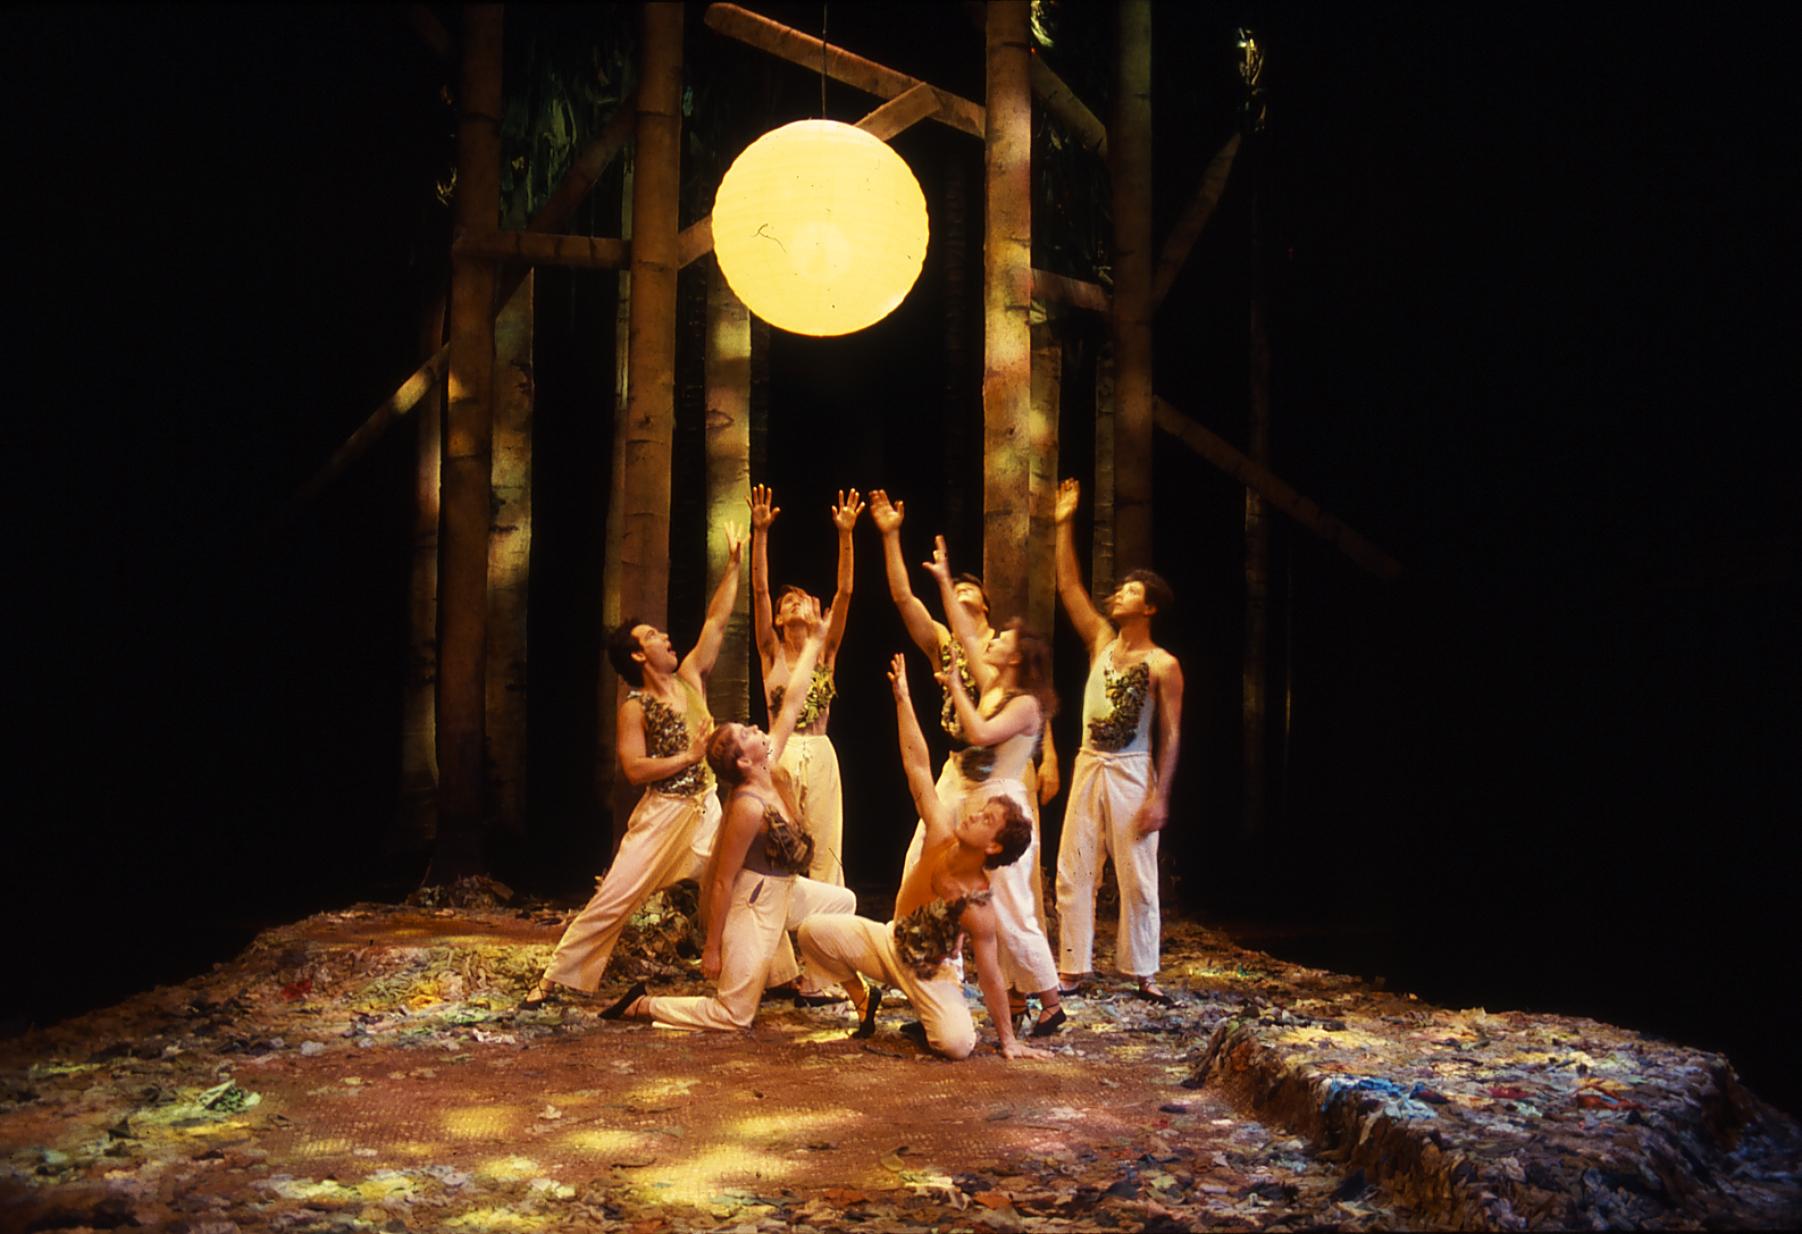 La ópera basada en 'El Sueño de una Noche de Verano' de Shakespeare, en el Teatro Massimo de Palermo